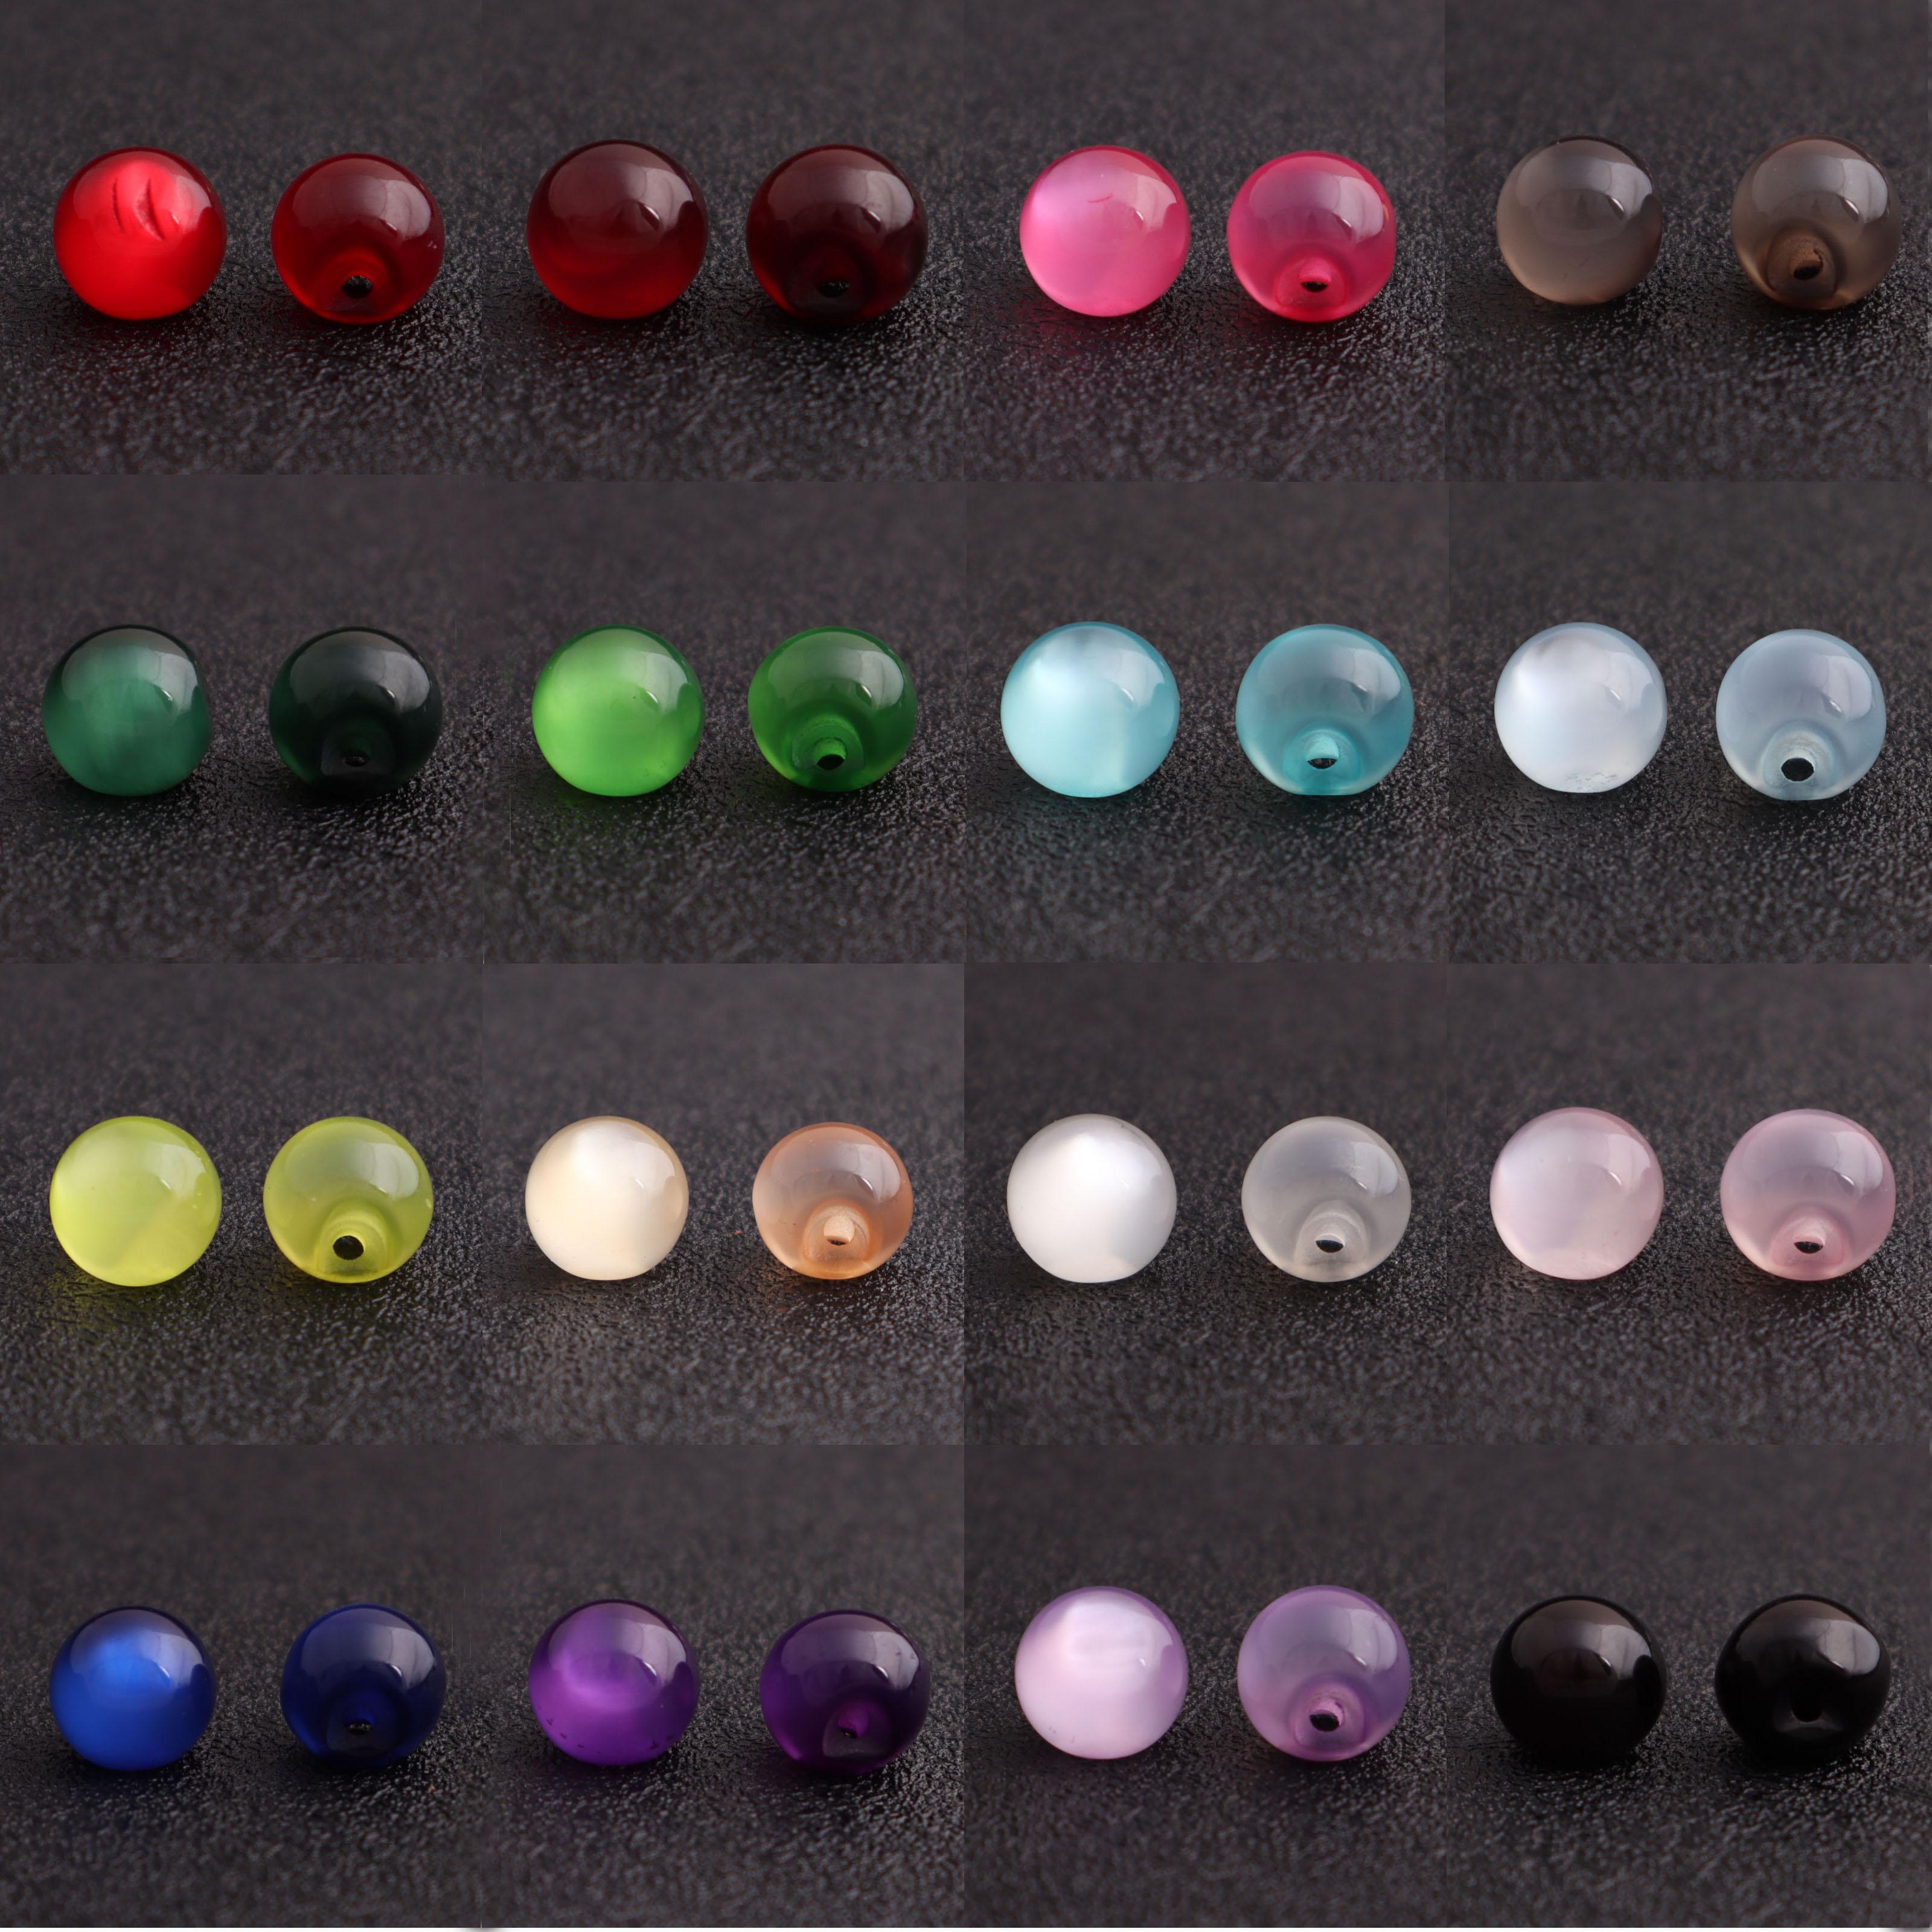 复古仿玉珠光球形多彩色树脂扣子